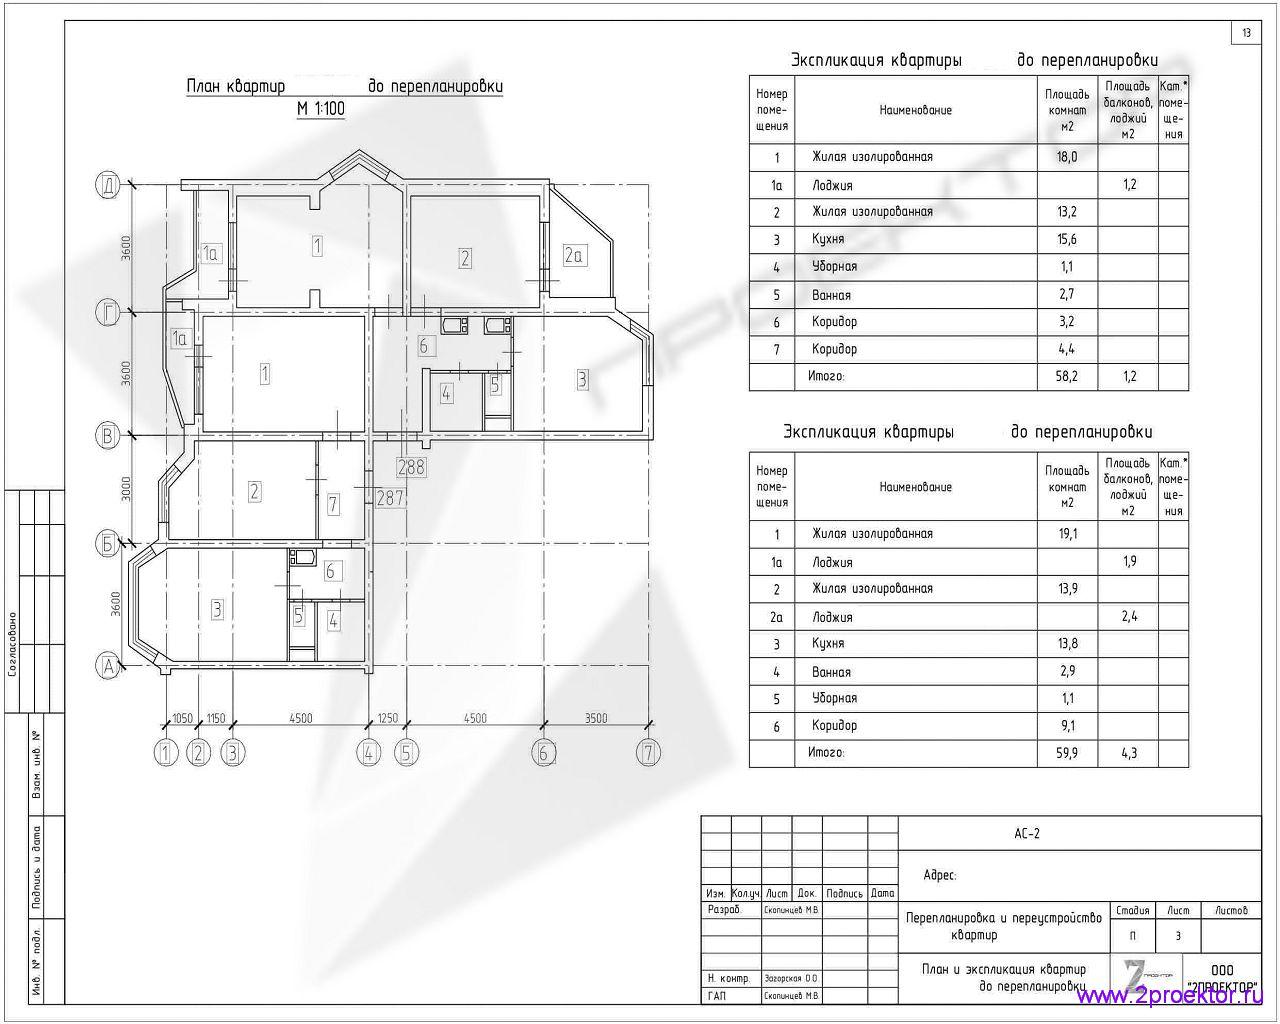 Типовой вариант планировки квартиры в Жилом комплексе Головино.